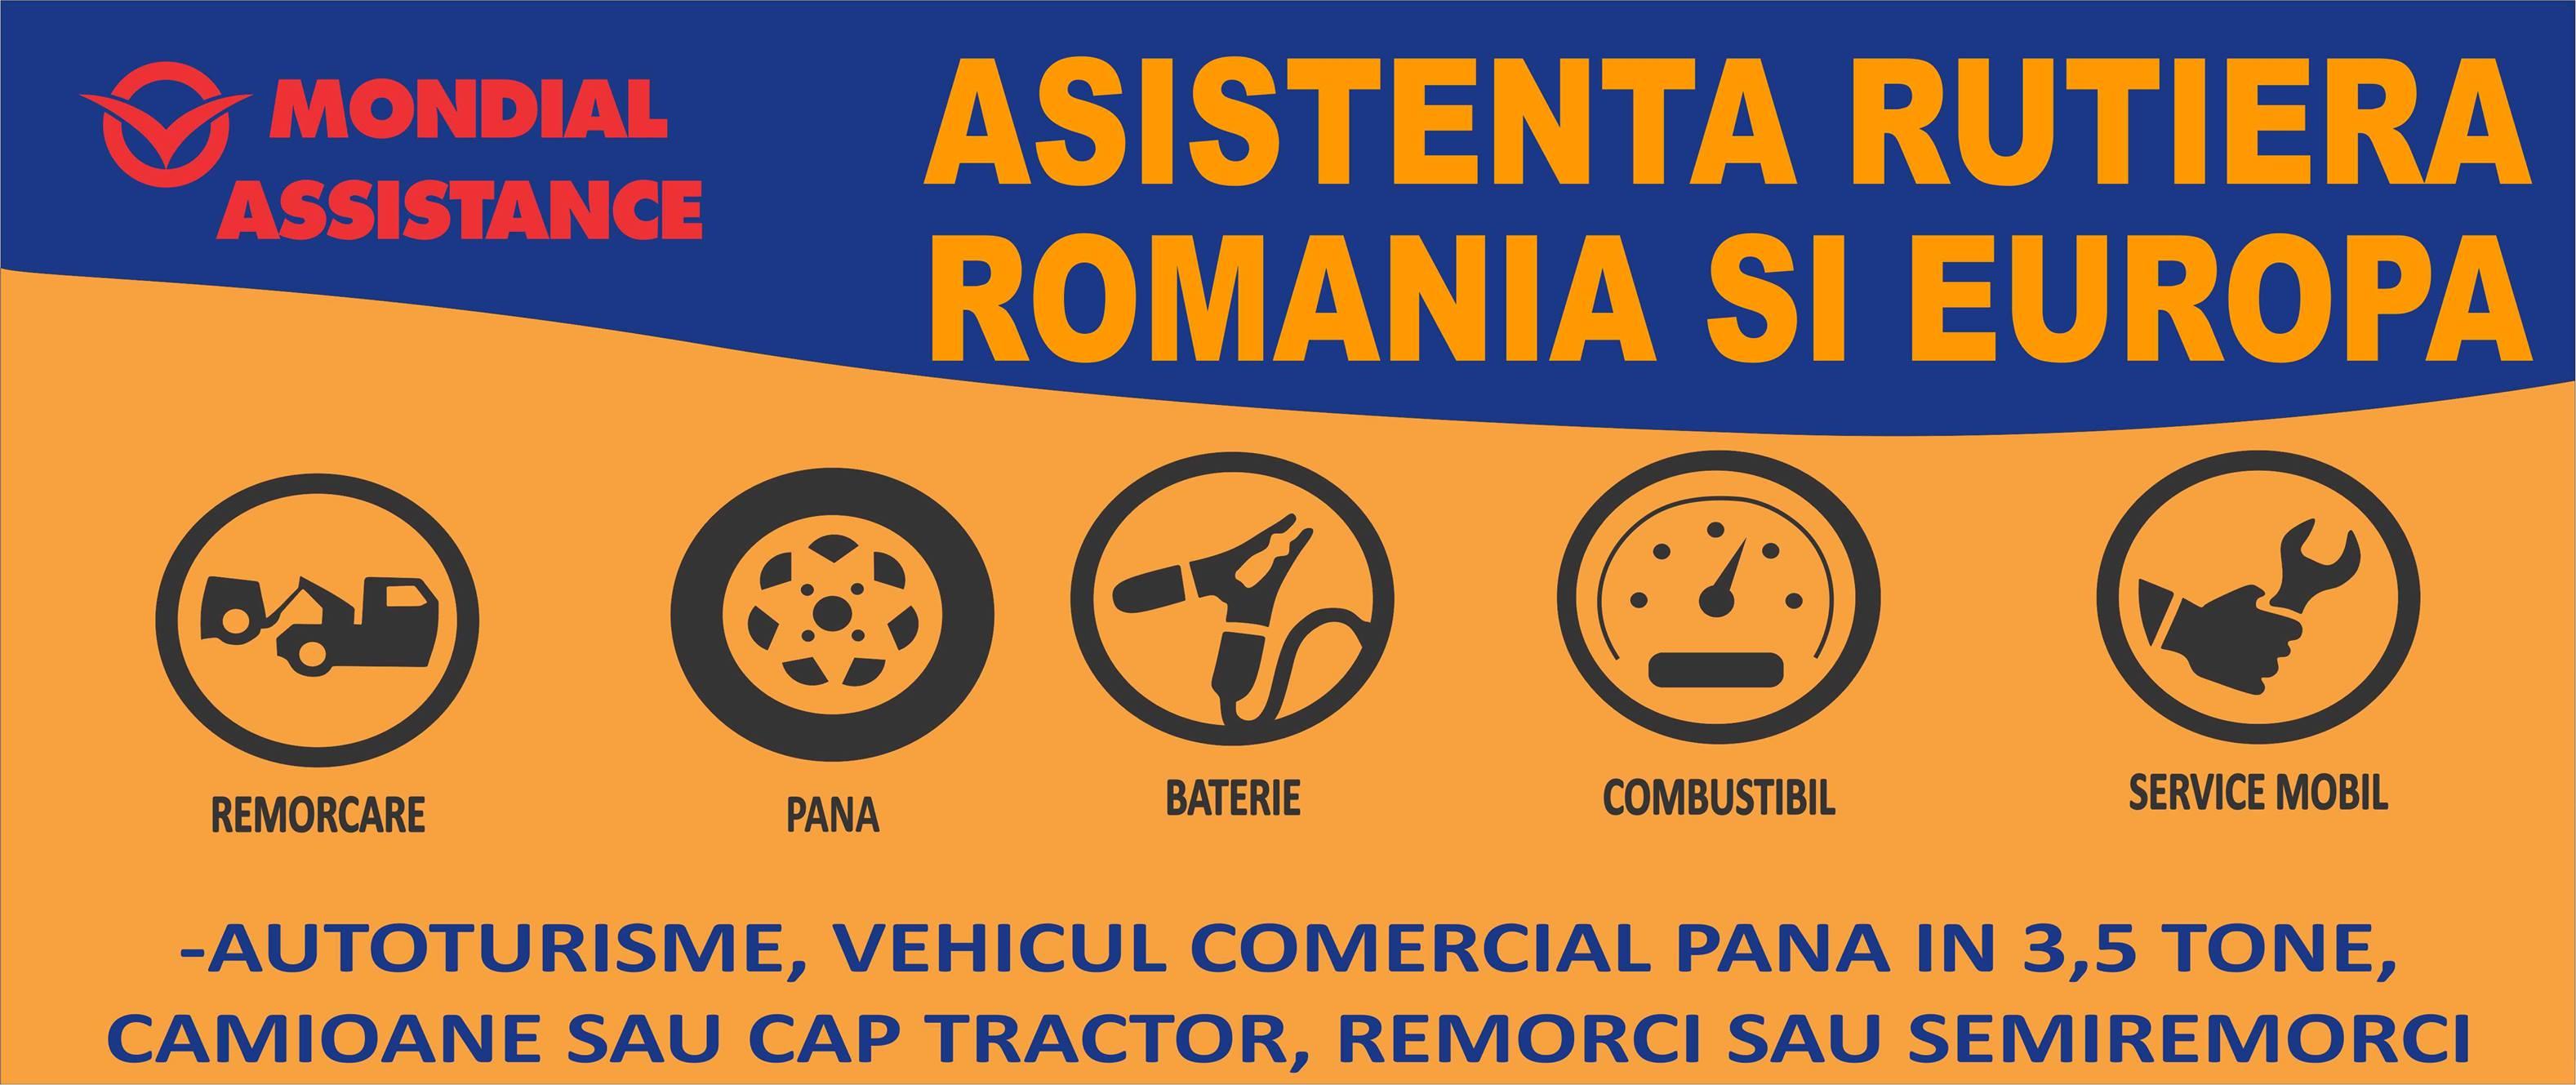 asistenta-rutiera-romania-euroma